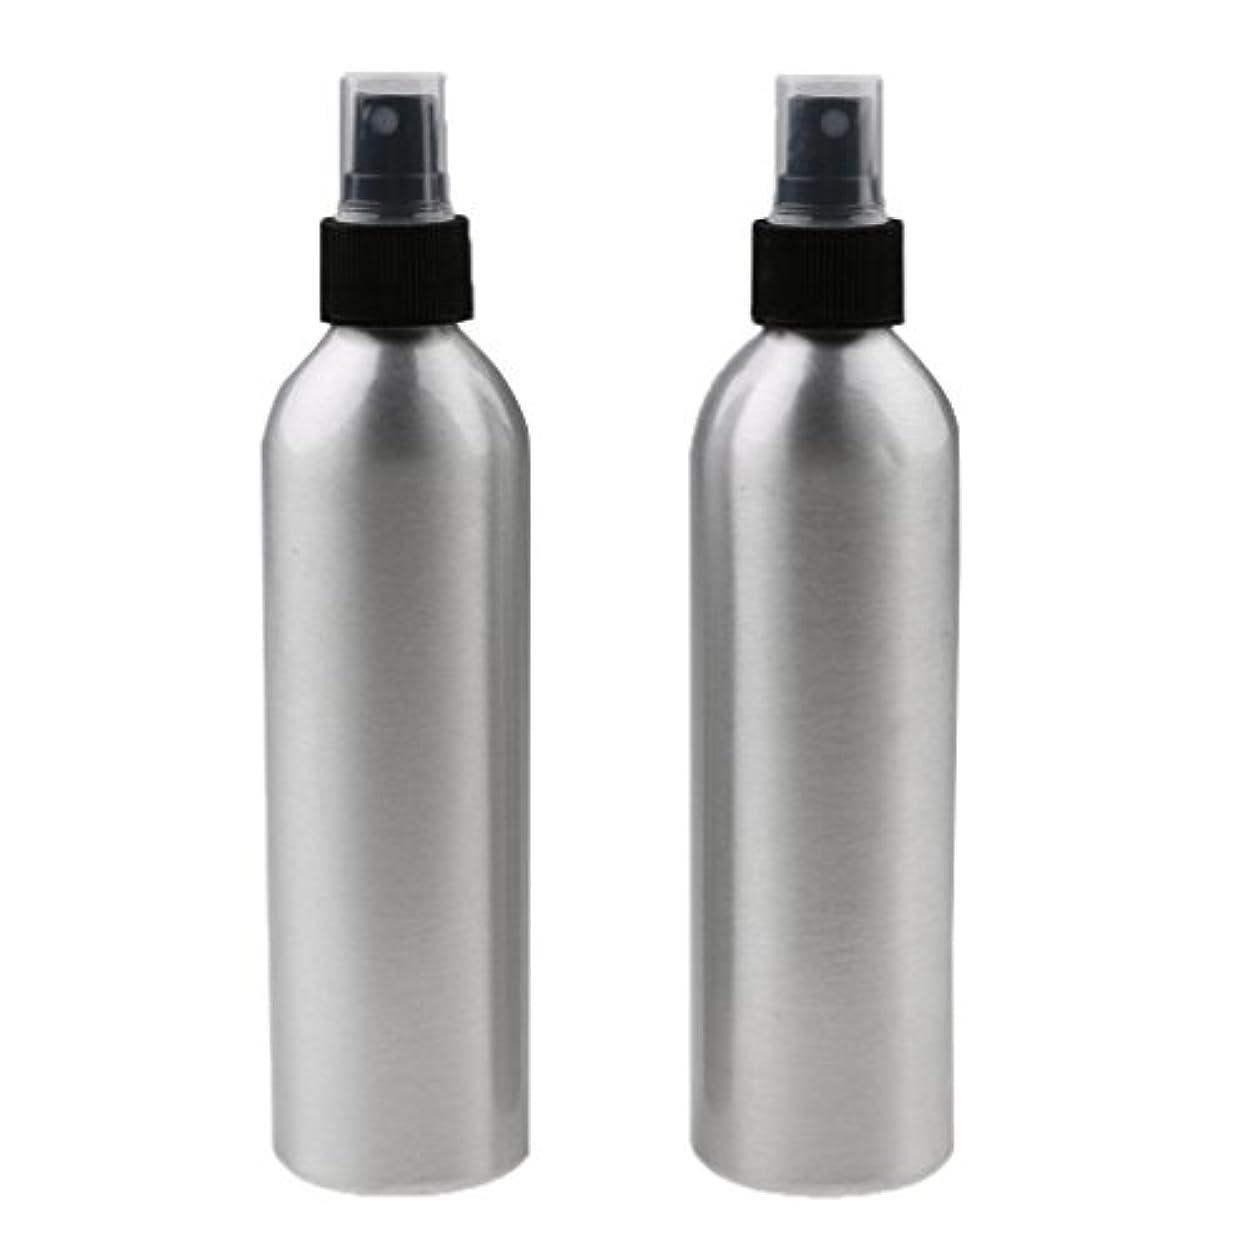 タフ冊子抽選2個入り 旅行 アルミ ミスト スプレー 香水ボトル メイクアップ スプレー 小分けボトル  全4サイズ - 250ml